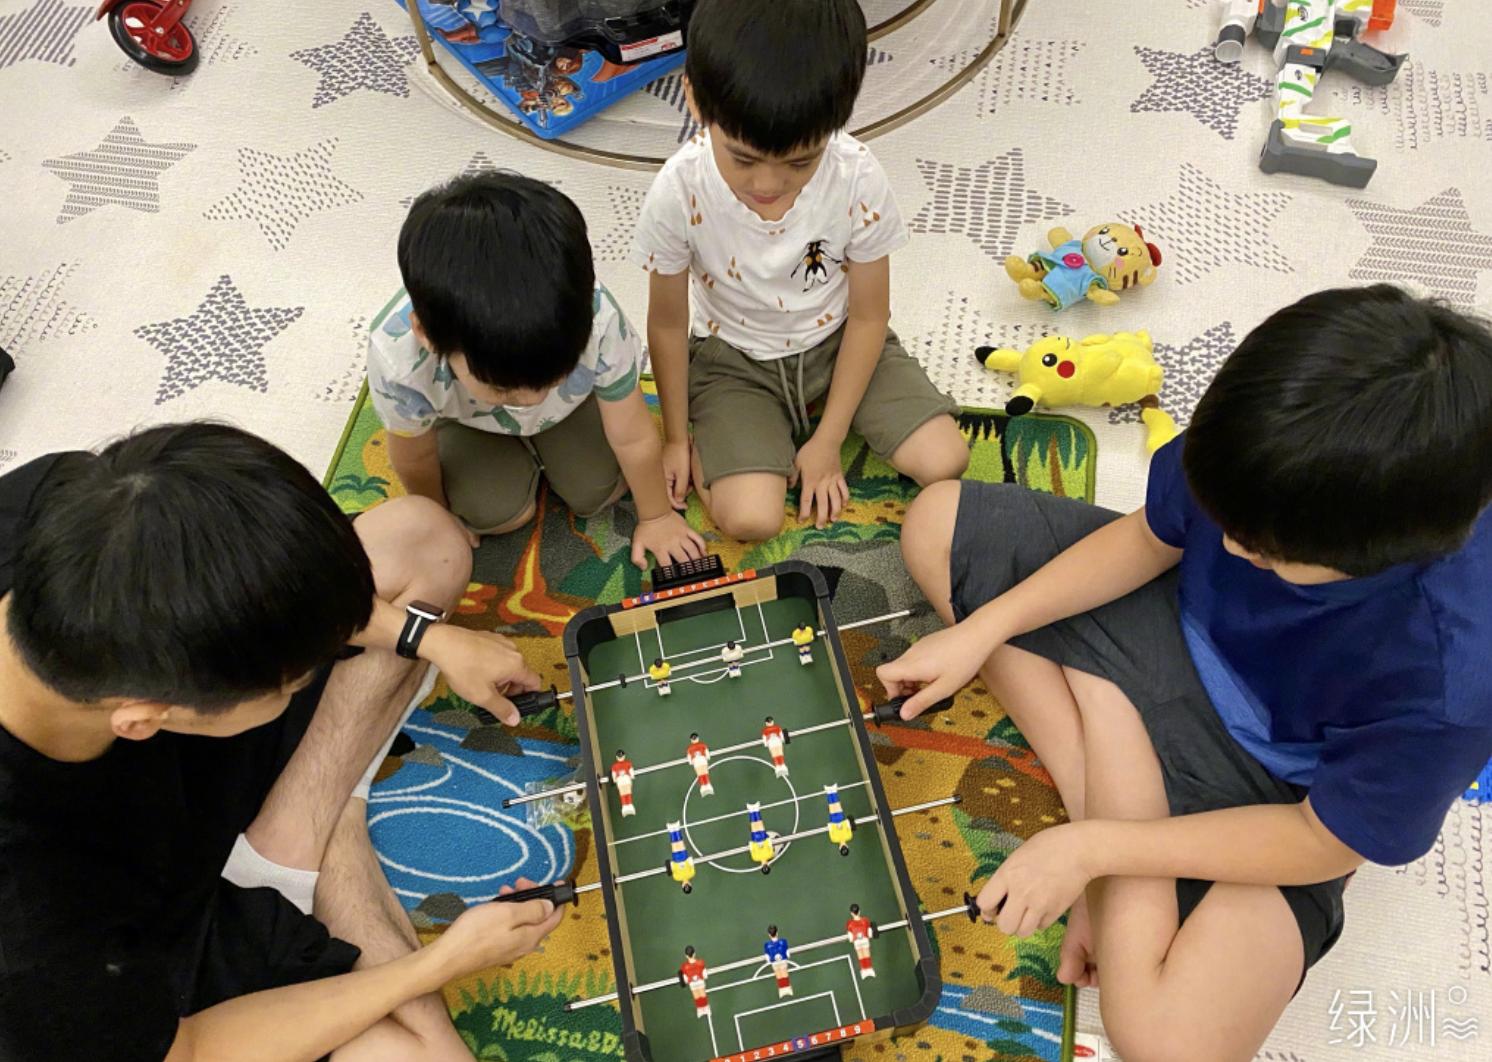 林志穎曬4歲雙胞胎兒子學漢字,雙子星寫複雜的繁體字,字跡工整